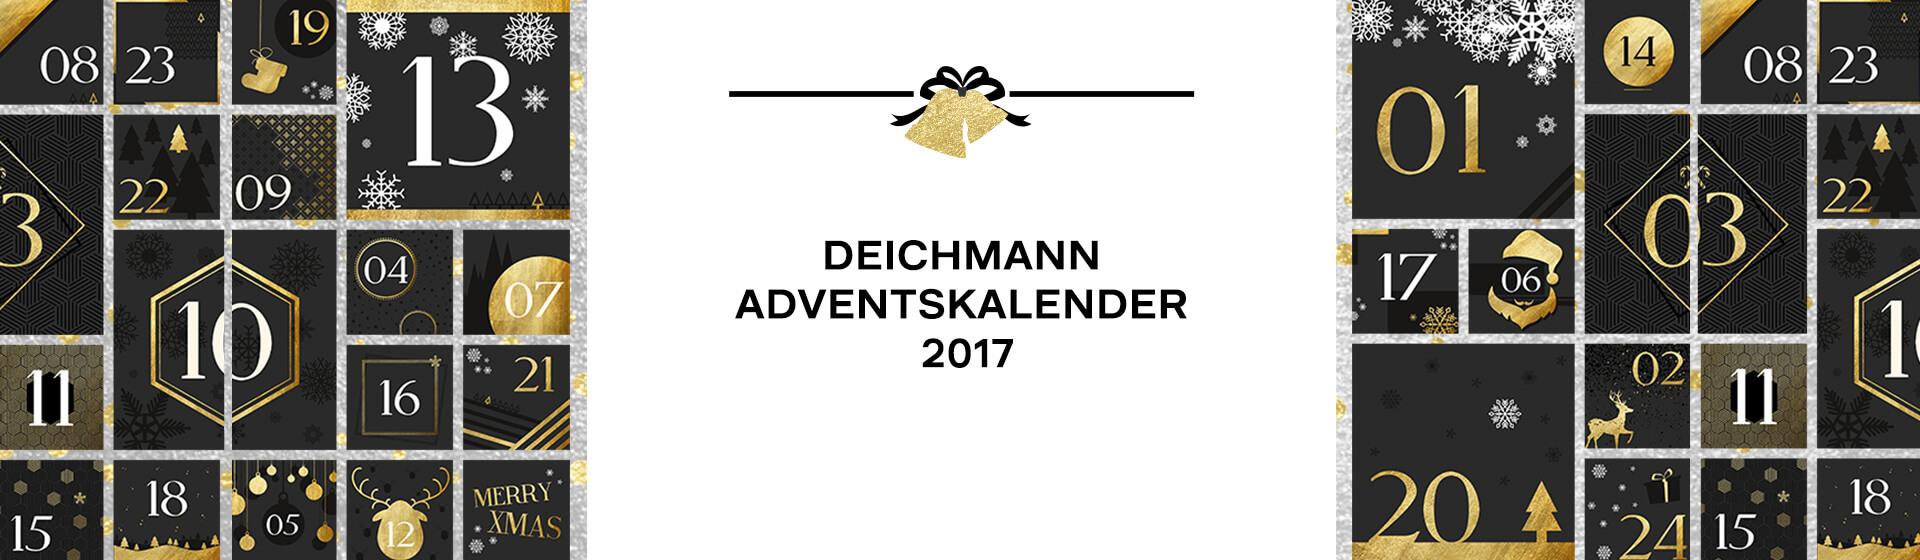 Deichmann Adventskalender